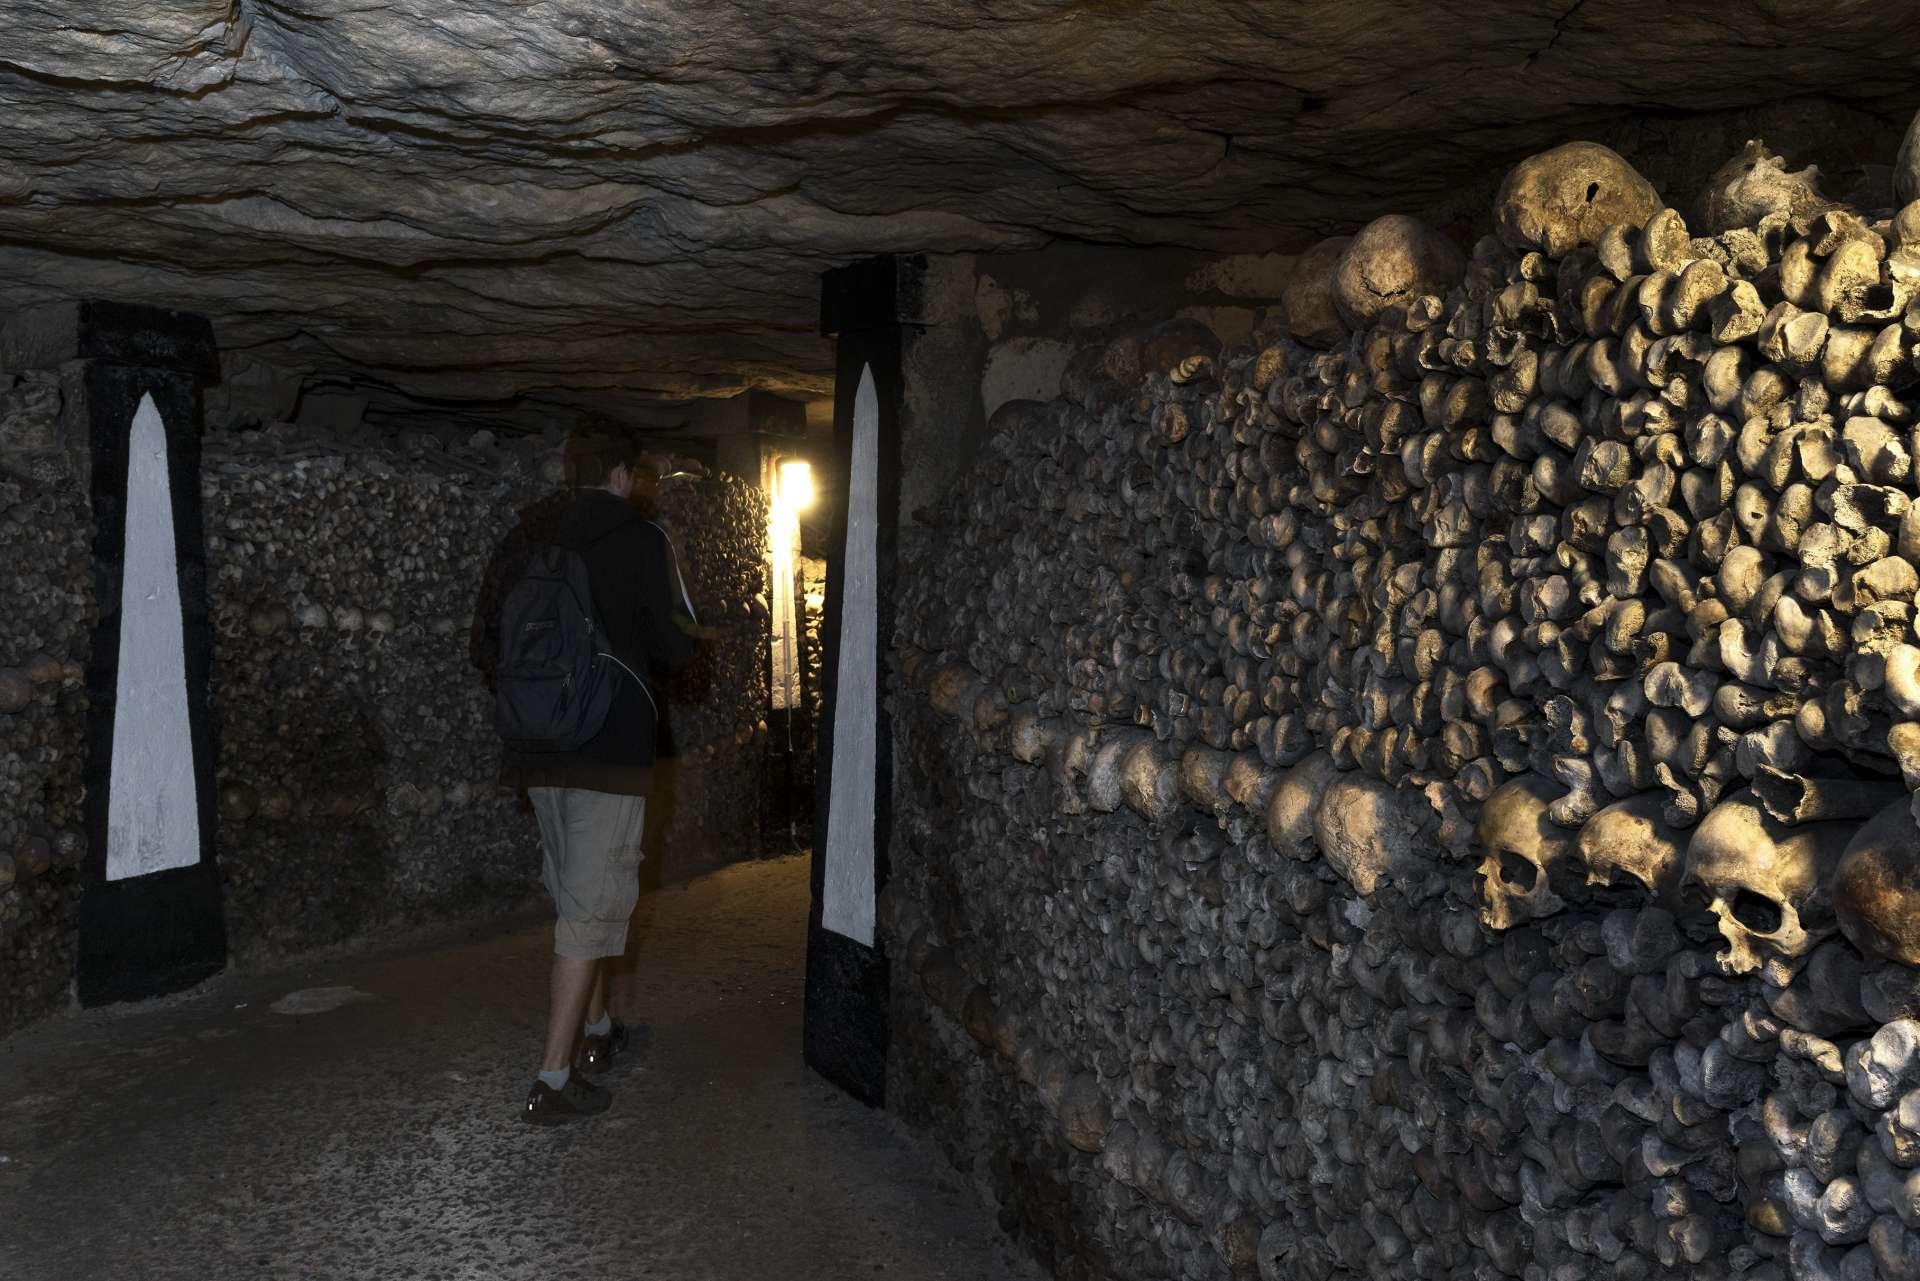 France - Paris - Catacombes - Dans les allées des catacombes de Paris.